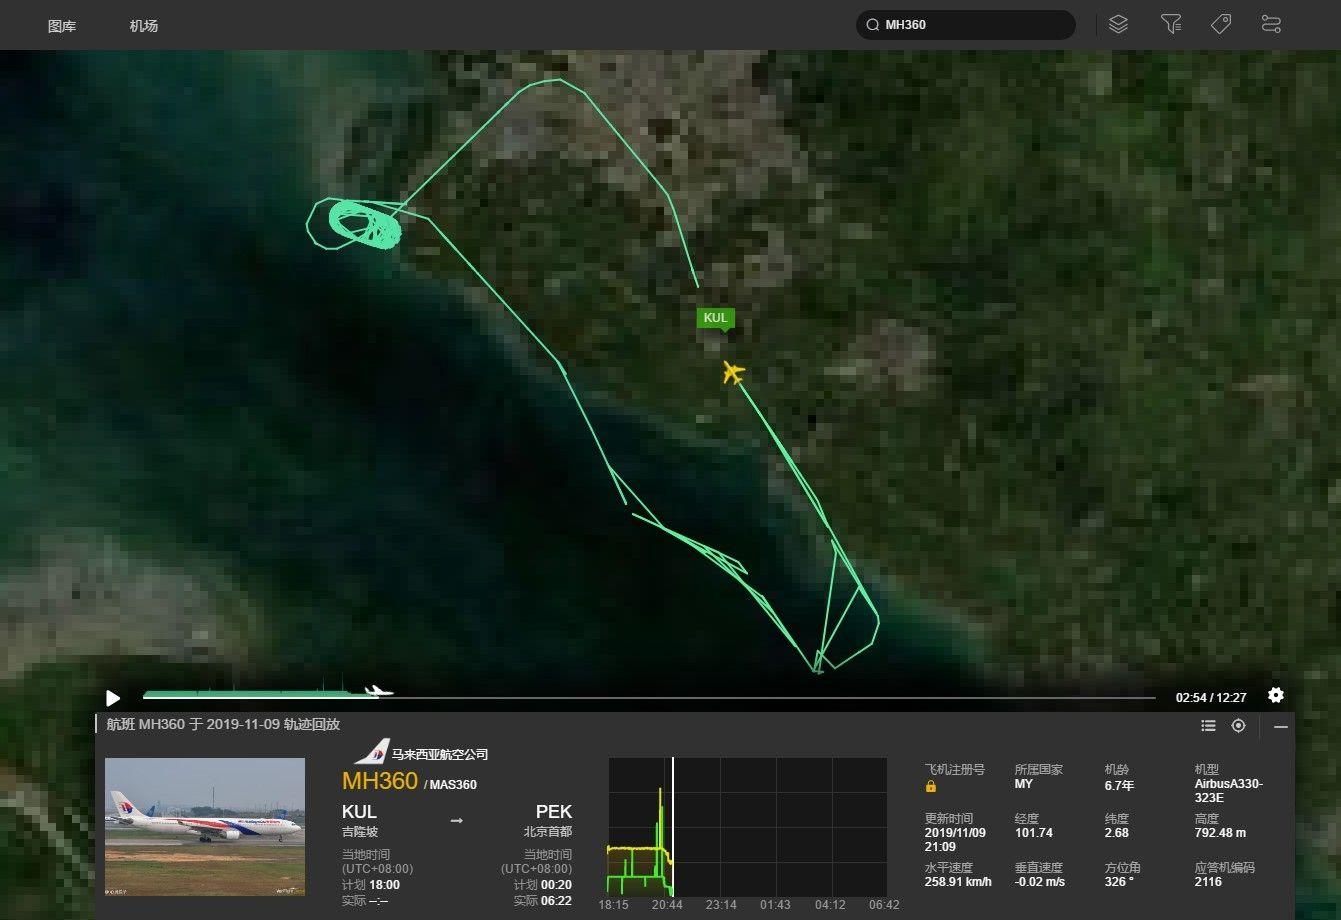 马航吉隆坡飞北京航班 因起落架故障紧急返航